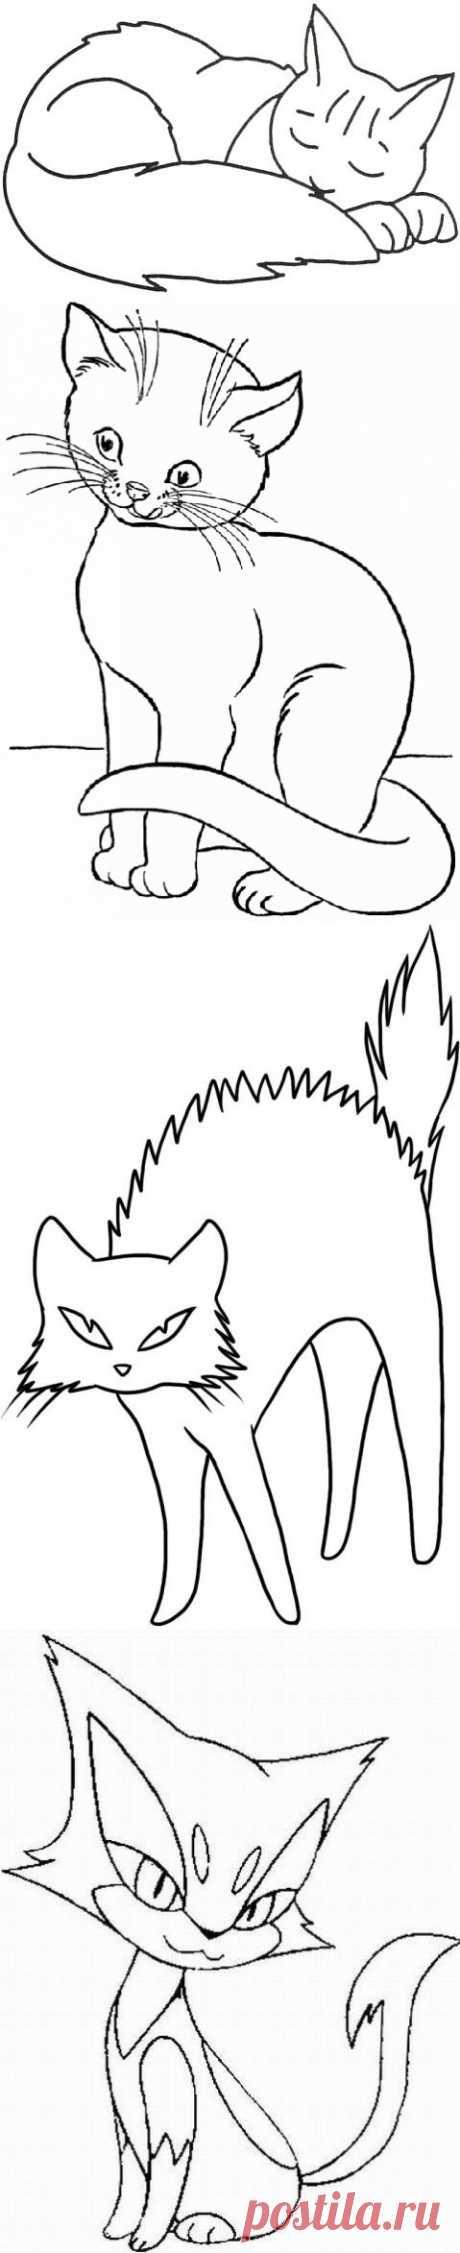 Эскизы кошек для рисования | БАТИК и Я